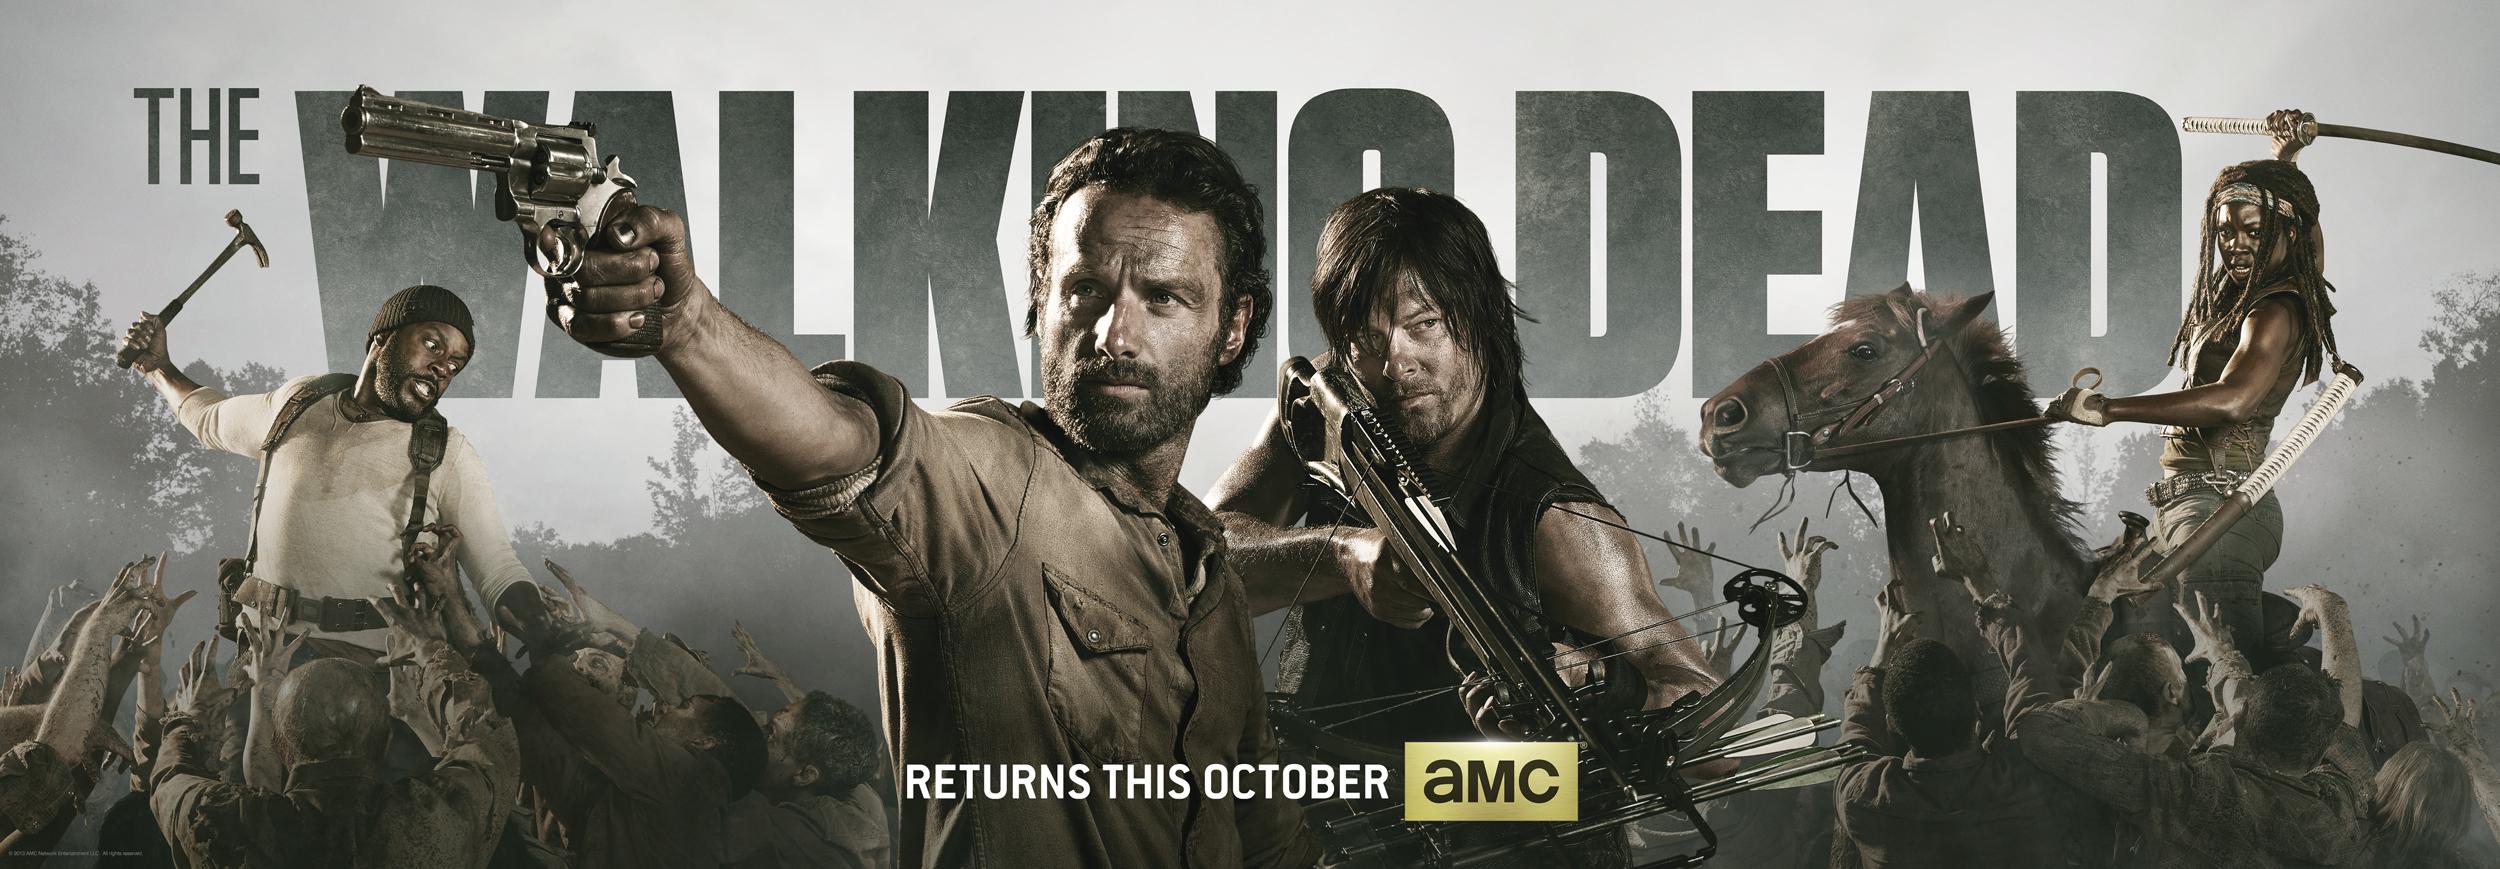 The Walking Dead Season 4 psoter